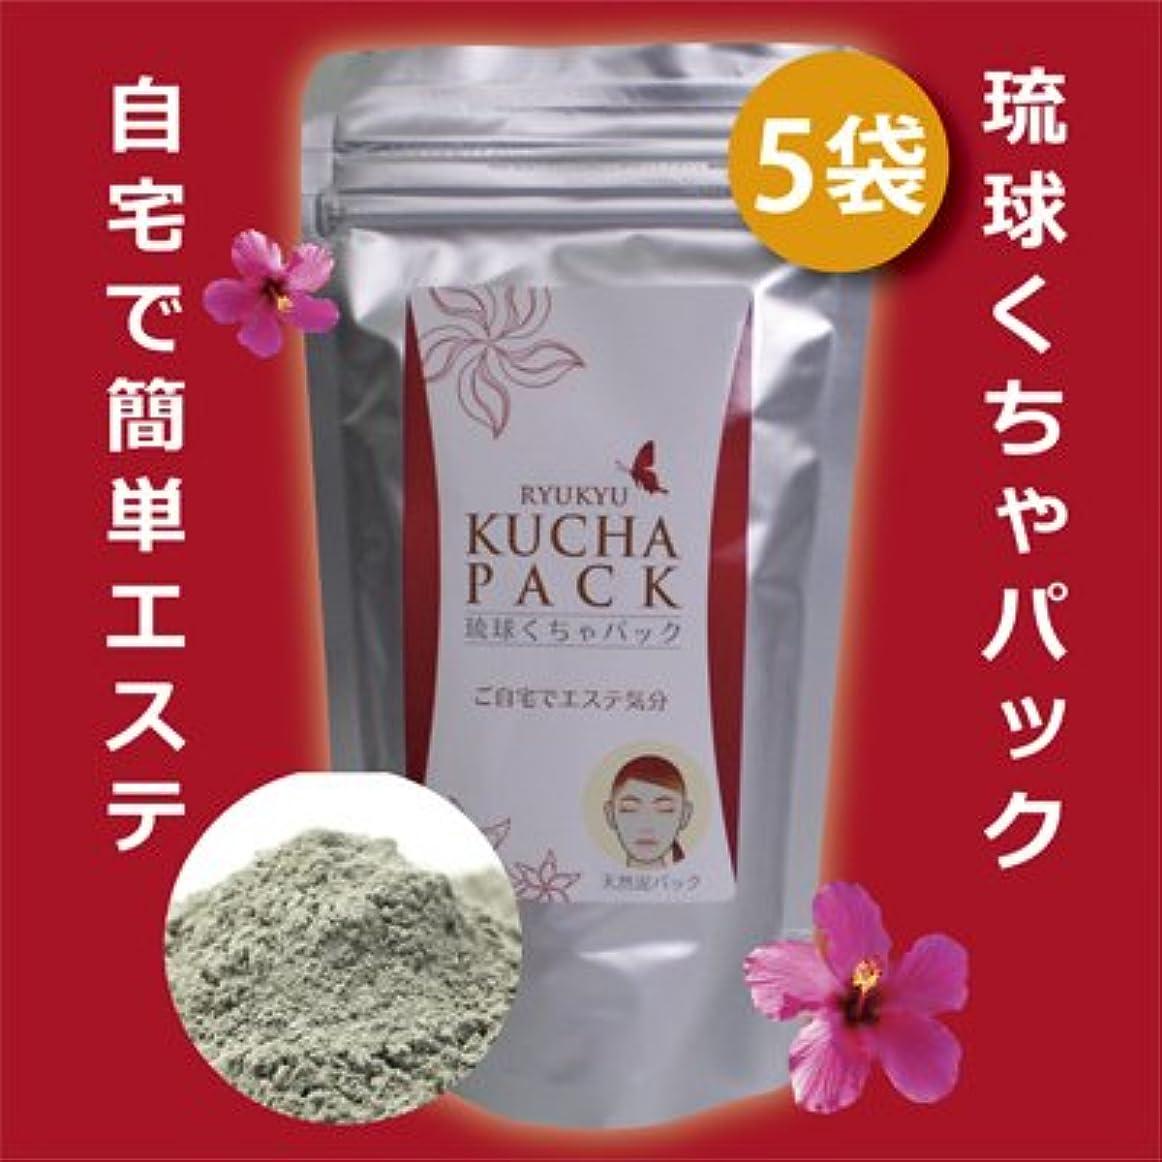 美肌 健康作り 月桃水を加えた使いやすい粉末 沖縄産 琉球くちゃパック 150g 5パック